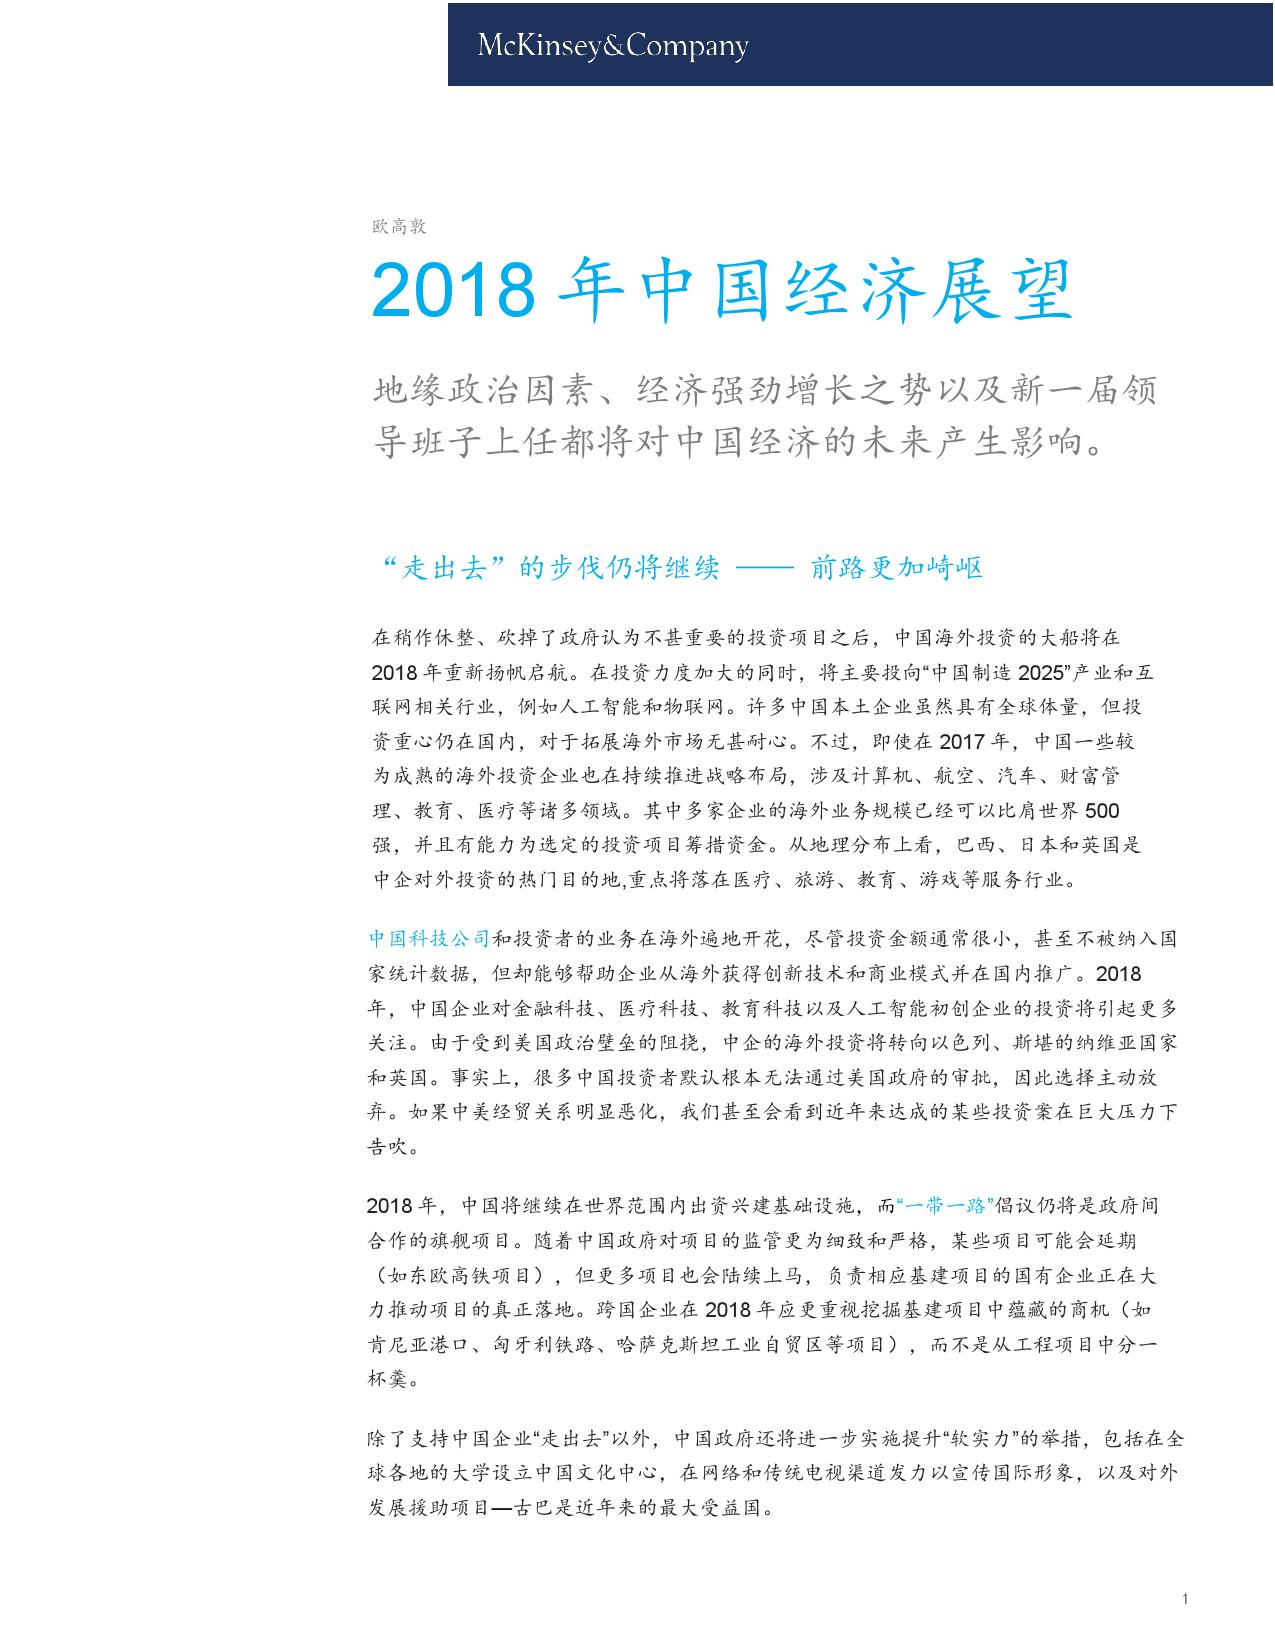 麦肯锡:2018年中国经济展望(附下载)